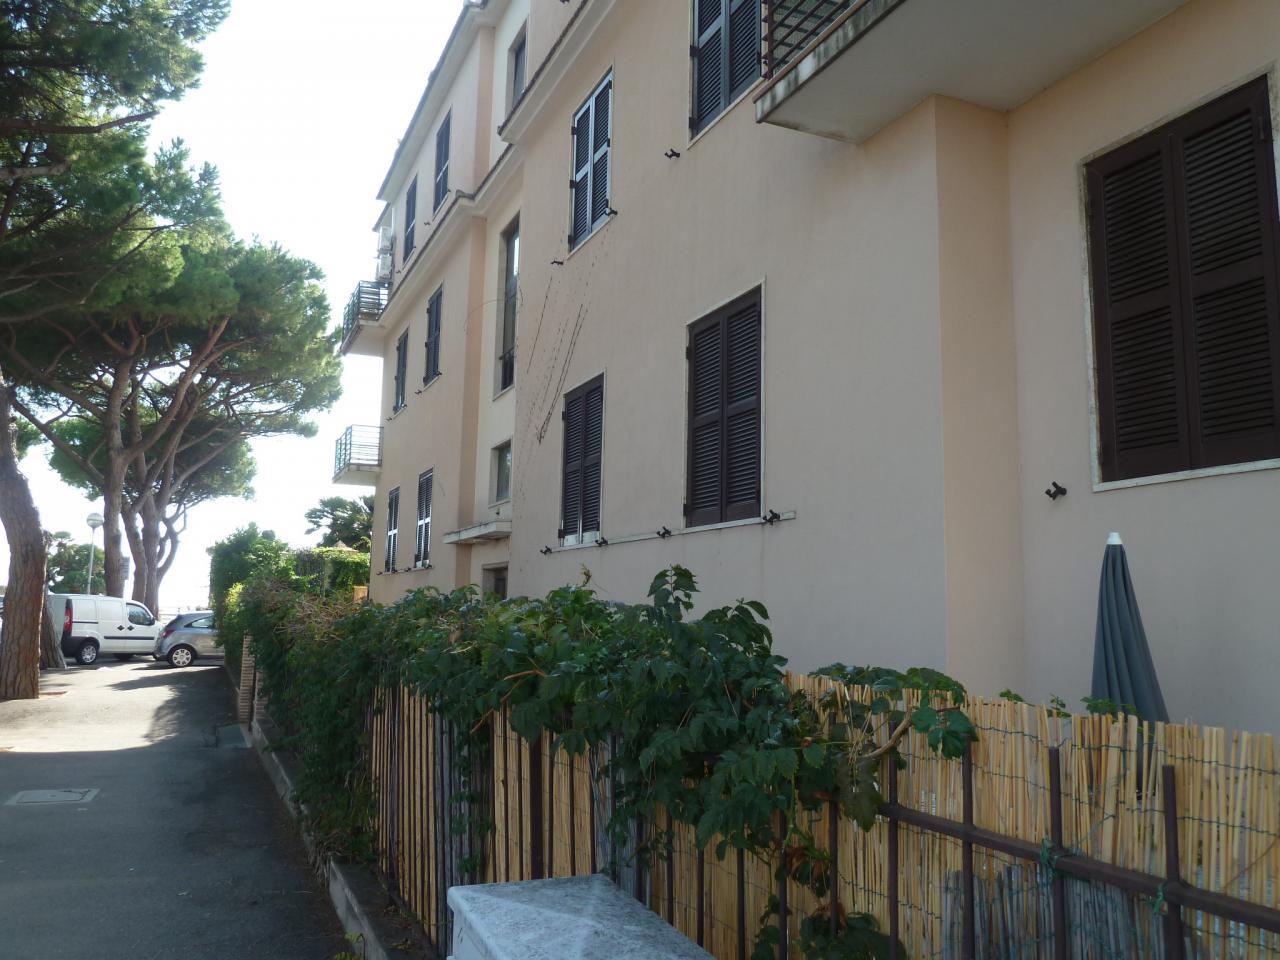 Vendita appartamento vicino mare